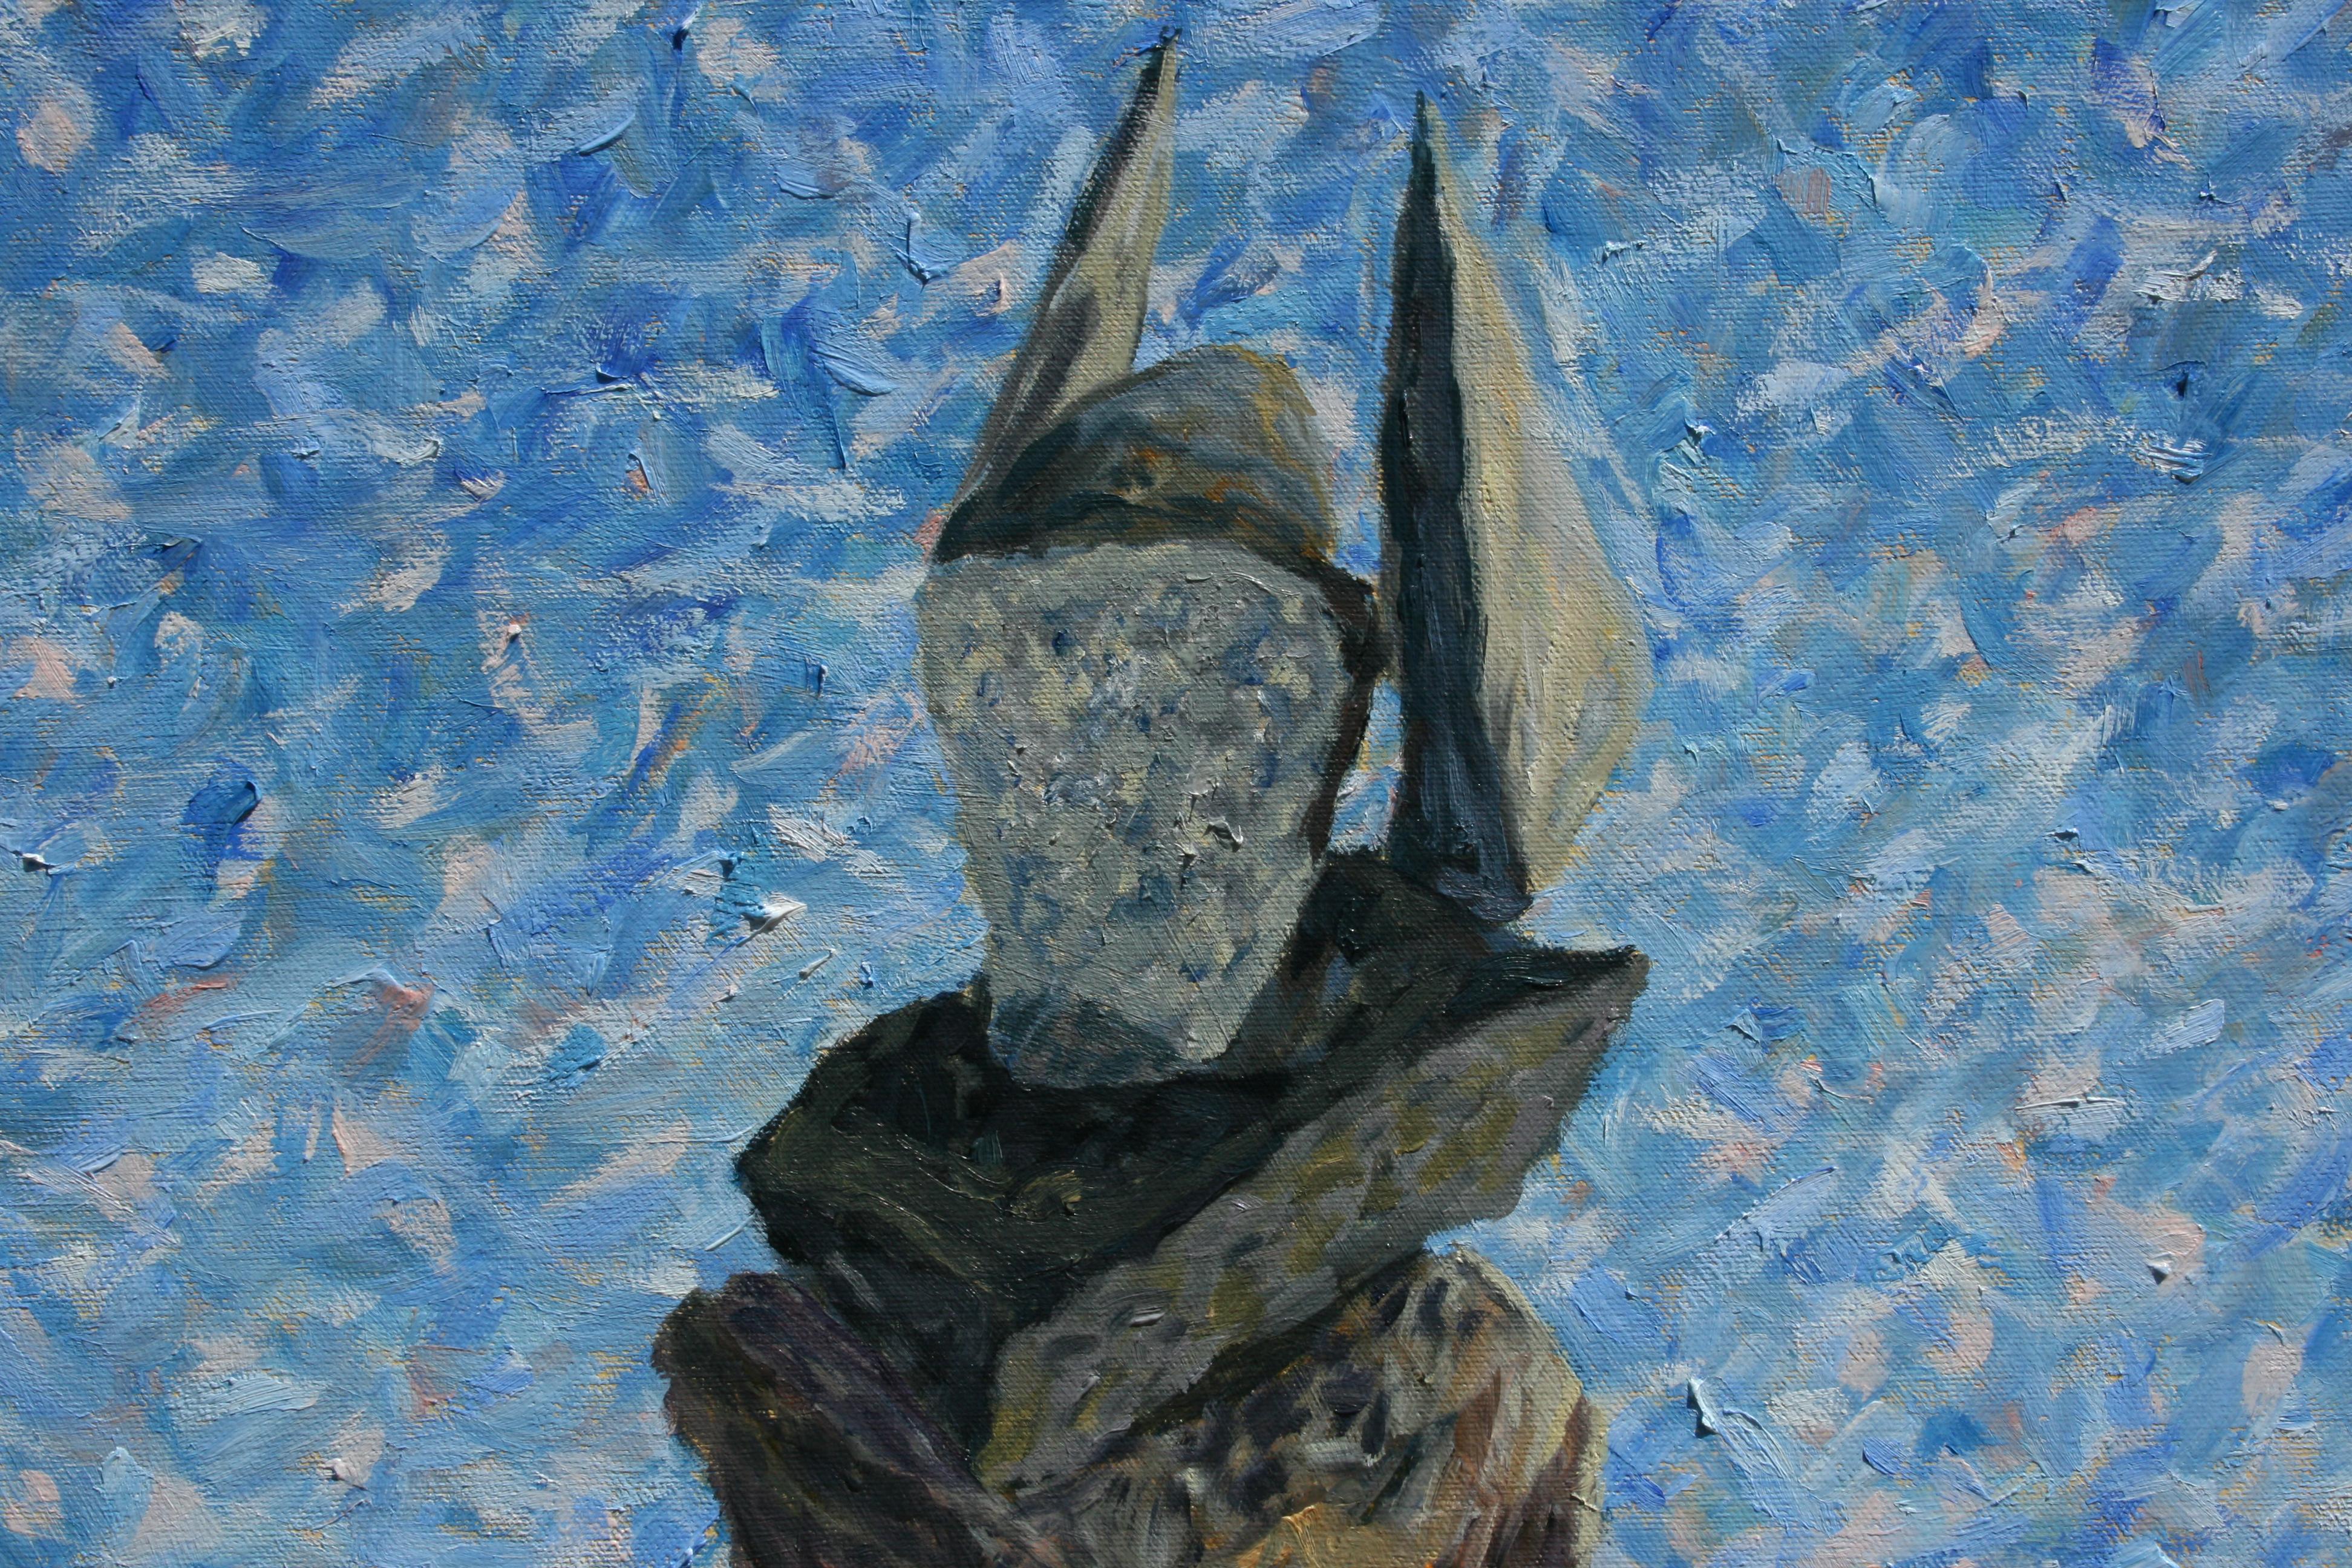 Rock Sculpture #3 (detail)